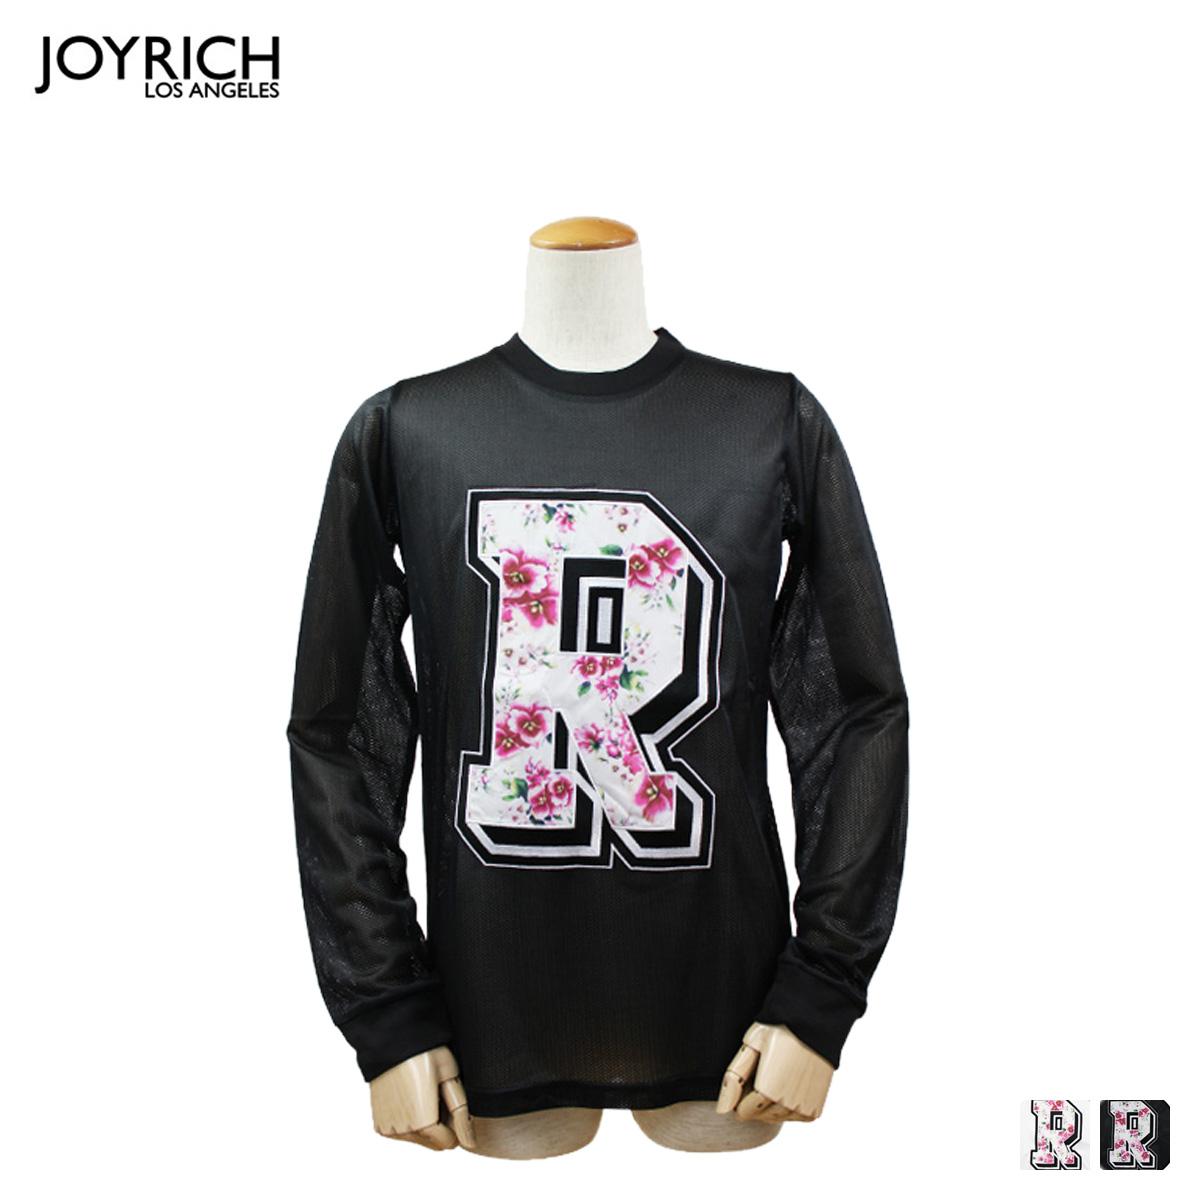 Whats up Sports  JOYRICH joyrich T shirt long sleeve tee-shirt mesh sewn 2  color SUNSET WALLFLOWER RED MESH TEE men s women s  c2a9824008